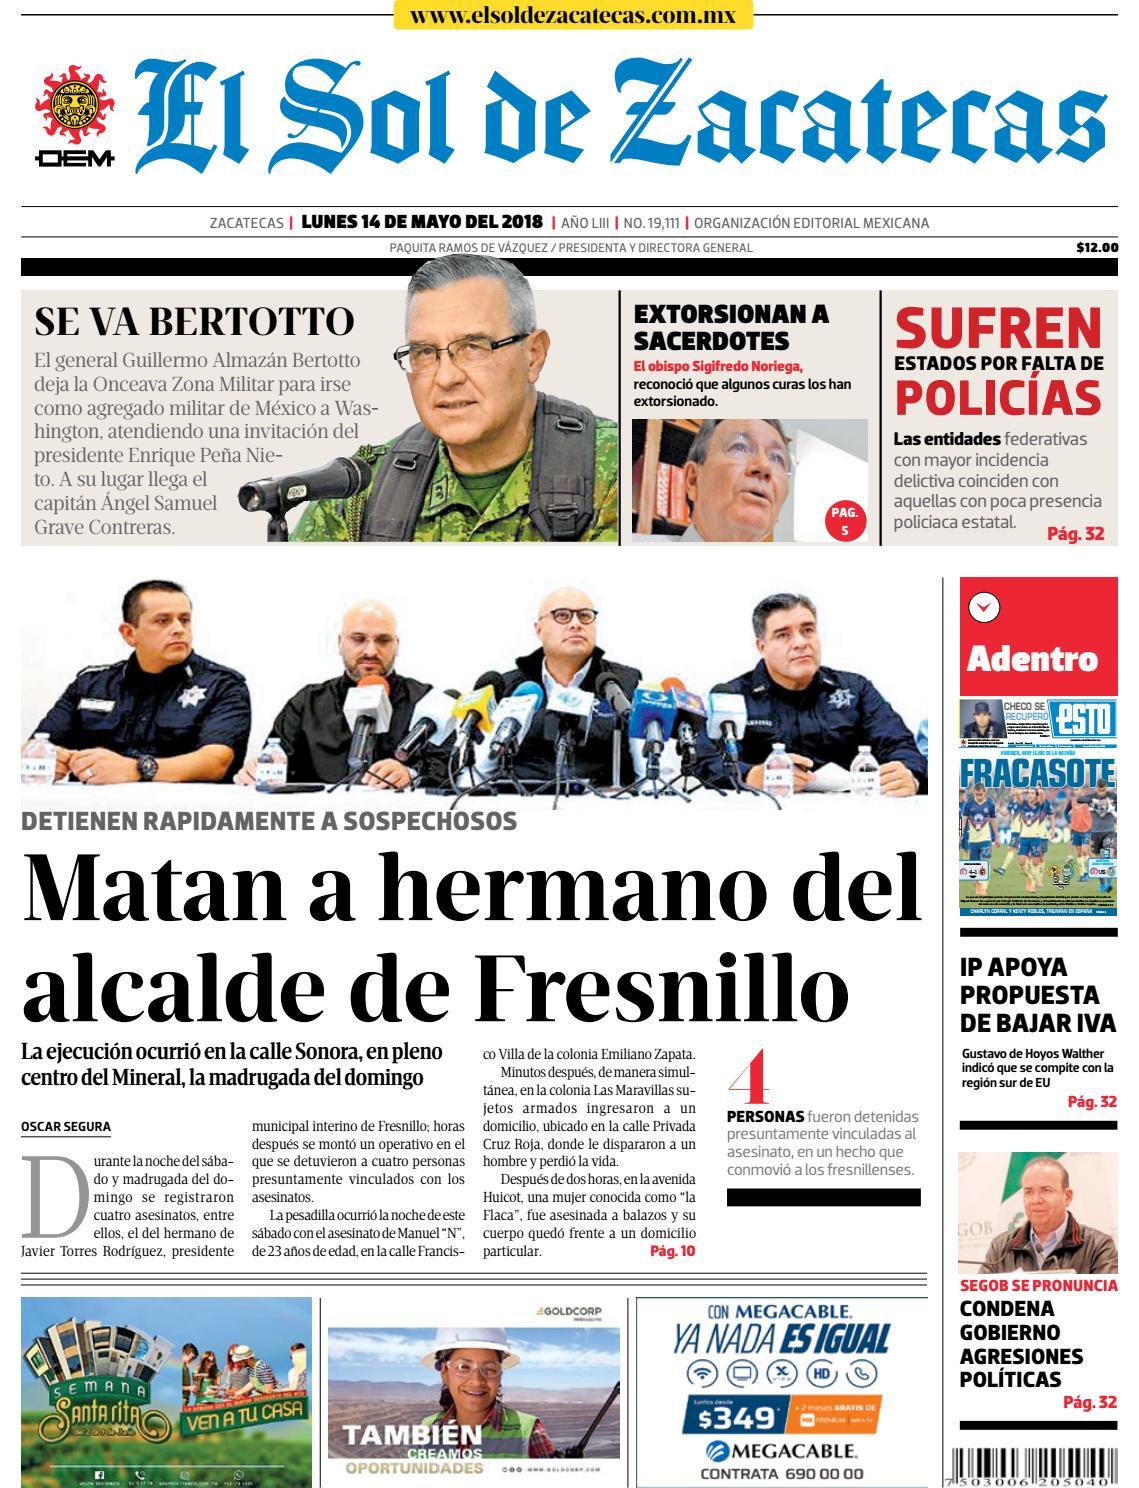 d6c1a1795fc7d El Sol de Zacatecas 14 de mayo 2018 by El Sol de Zacatecas - issuu